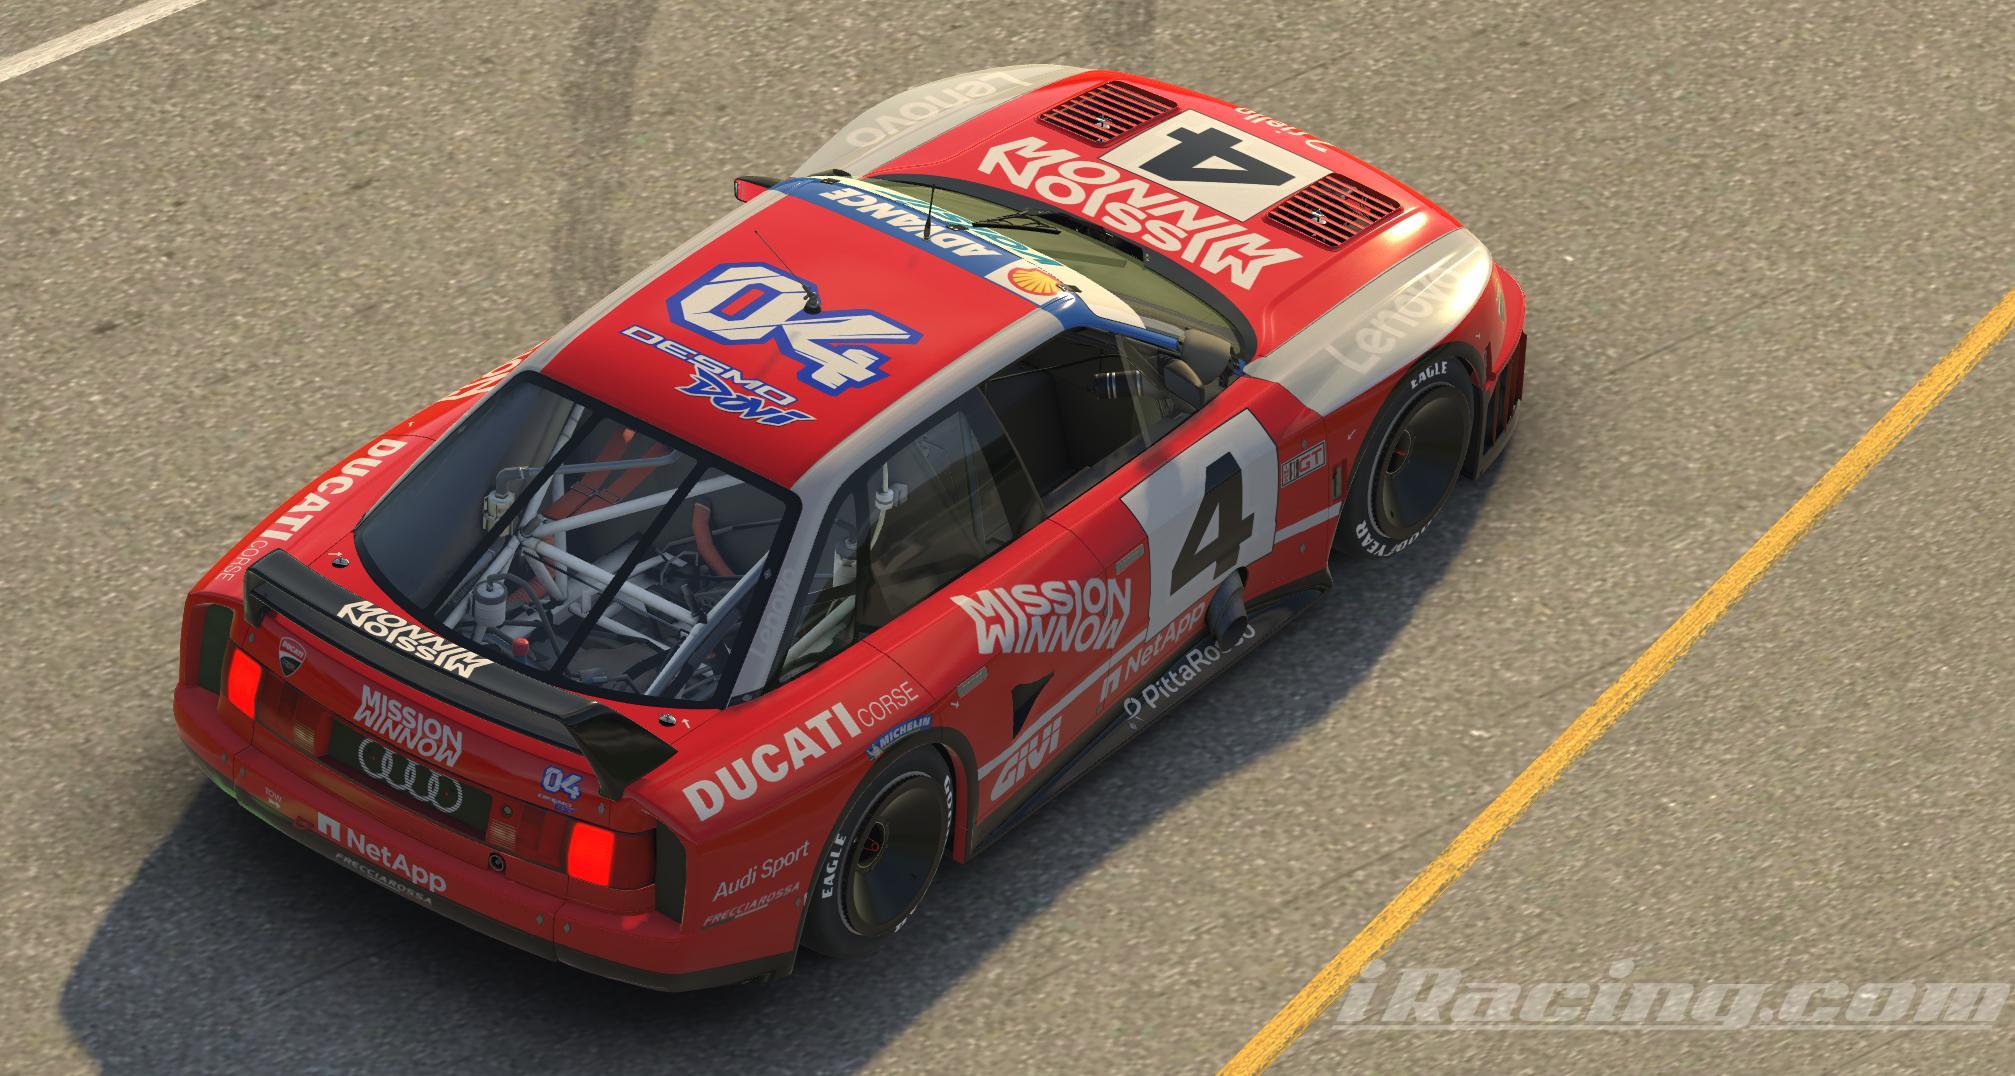 Preview of Audi 90 GTO  Ducati Corse by Remigio DiPasqua